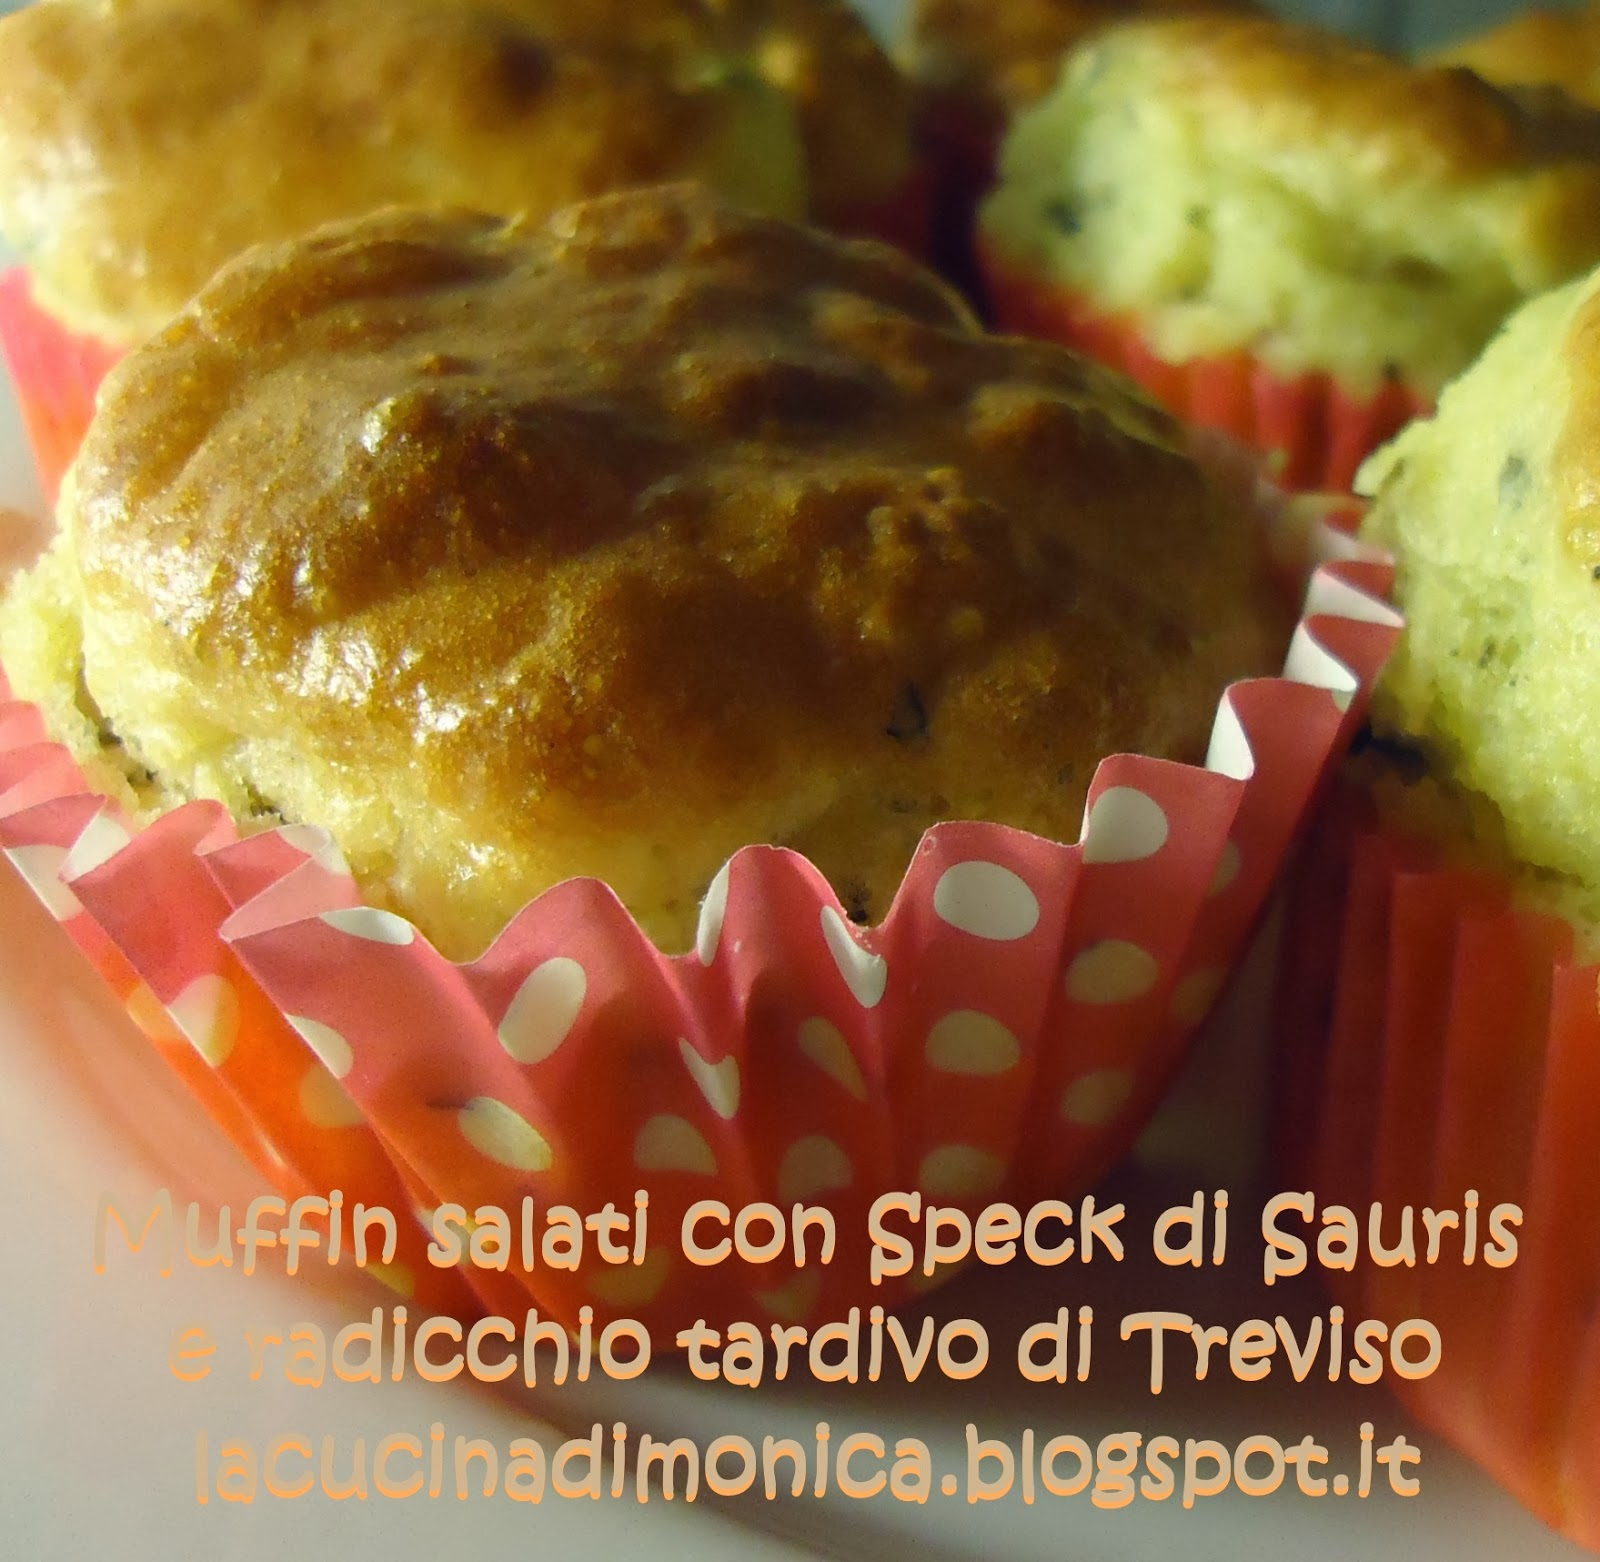 muffin salati con speck di sauris e radicchio di treviso tardivo